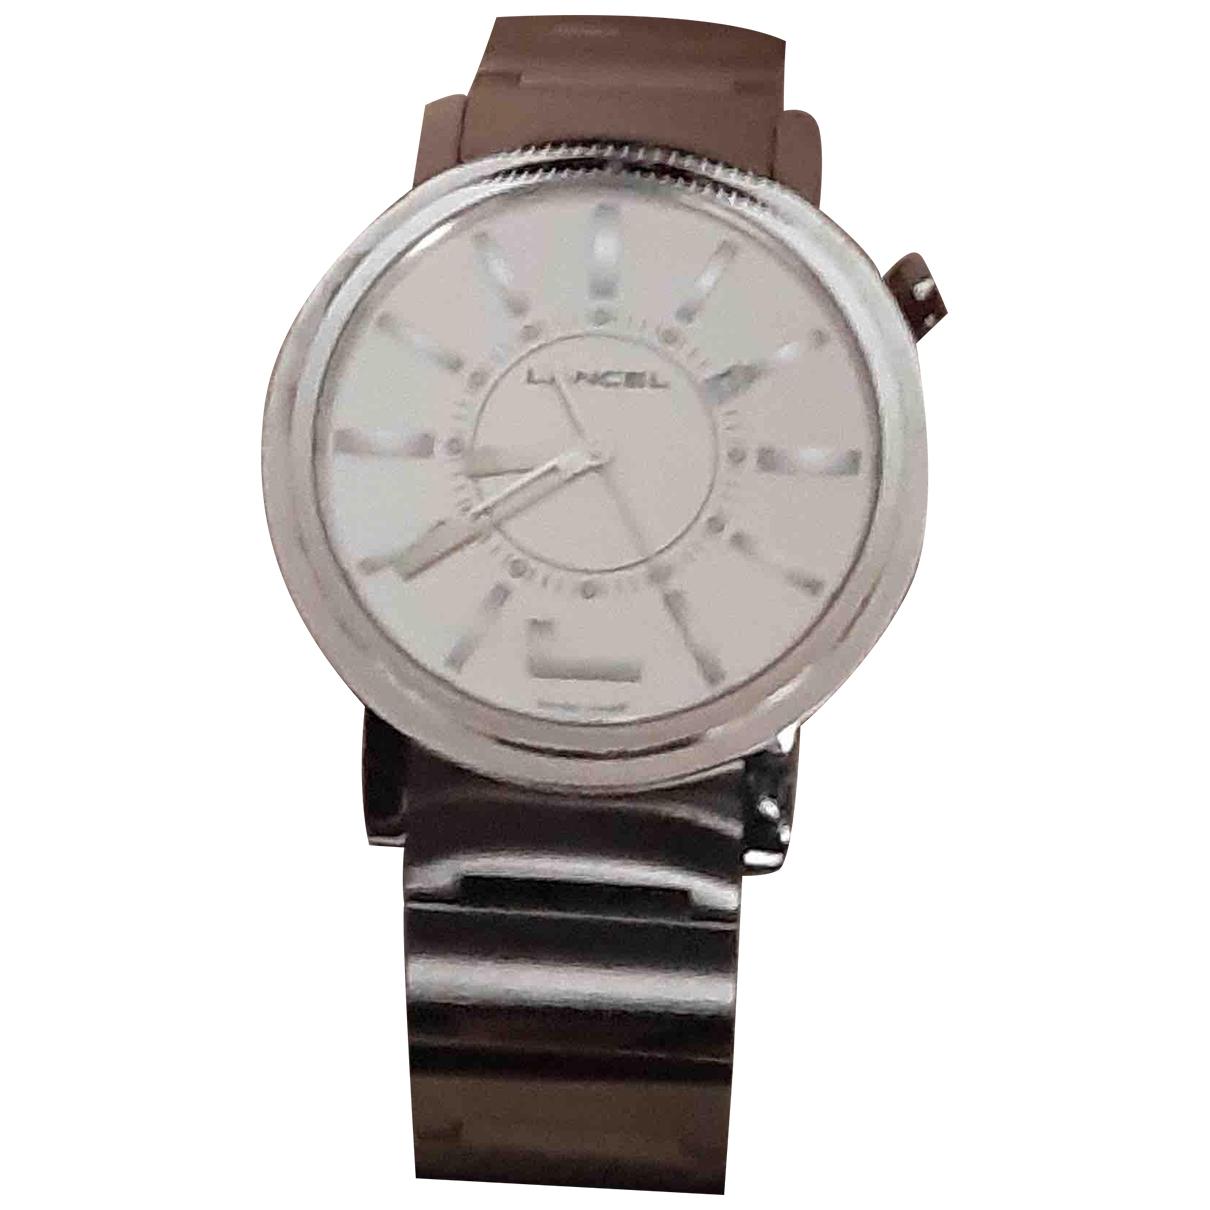 Lancel \N Uhr in  Silber Stahl